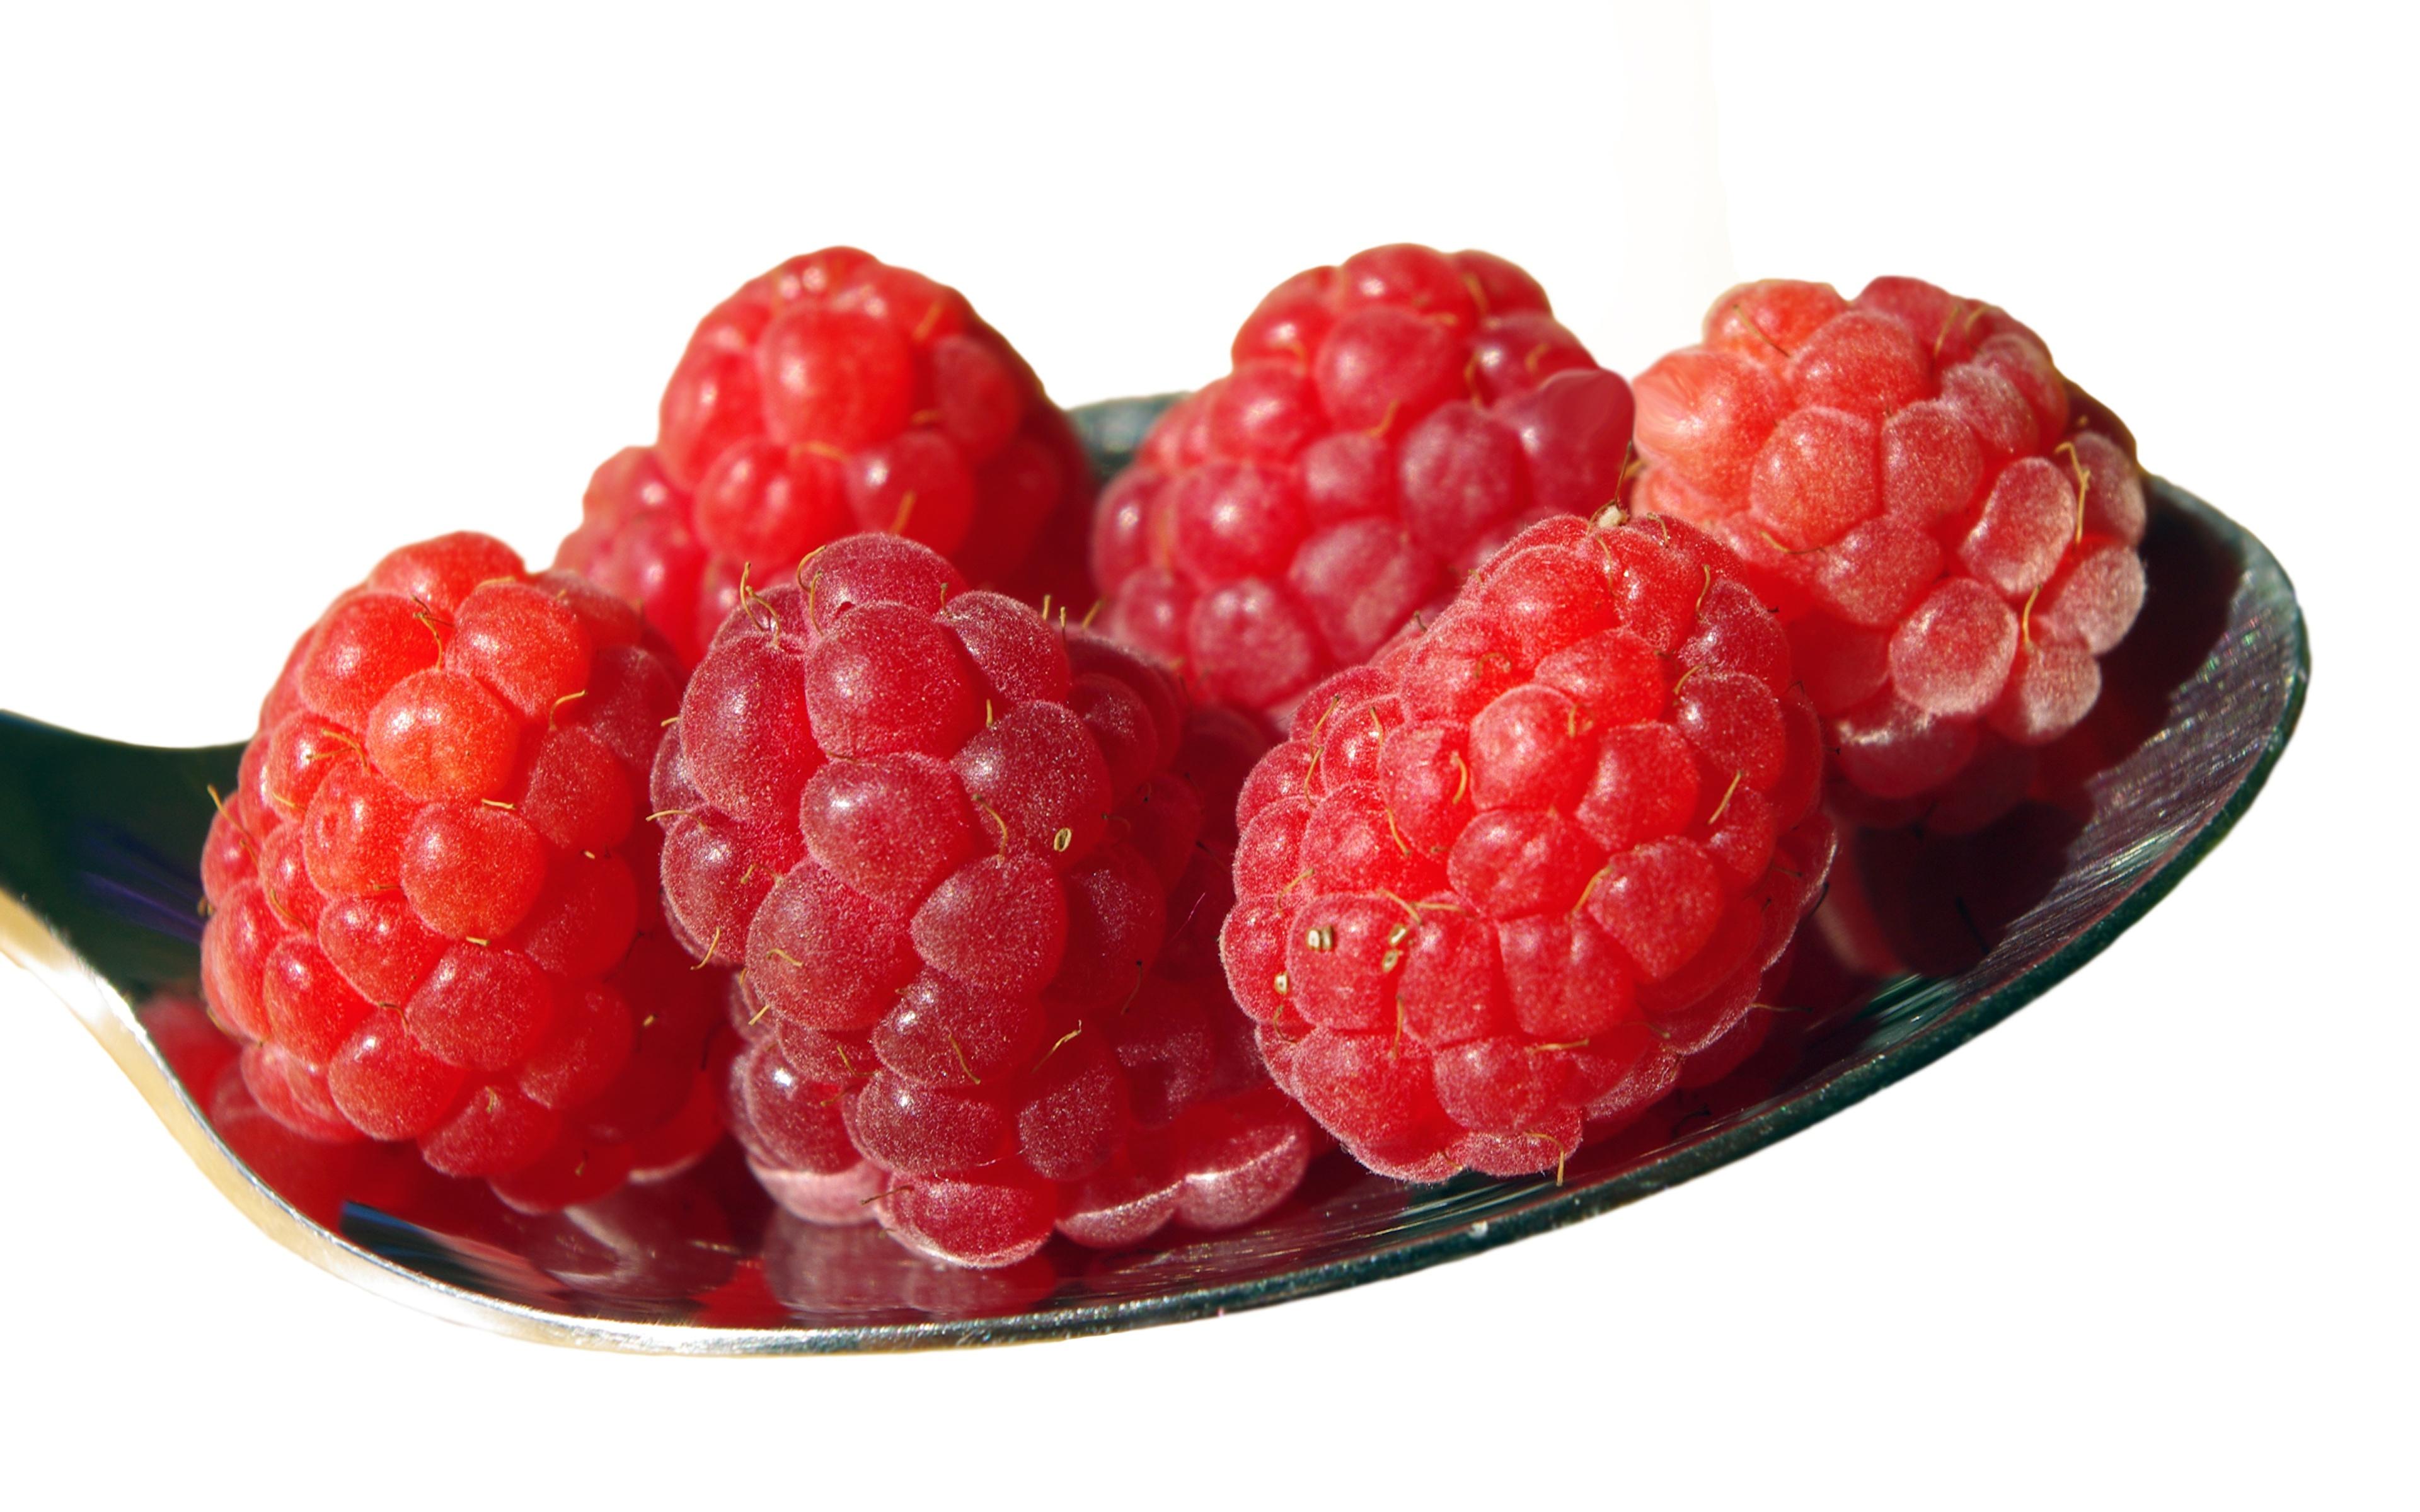 Bilder von Rot Himbeeren Beere Löffel Lebensmittel Nahaufnahme Weißer hintergrund 3840x2400 das Essen hautnah Großansicht